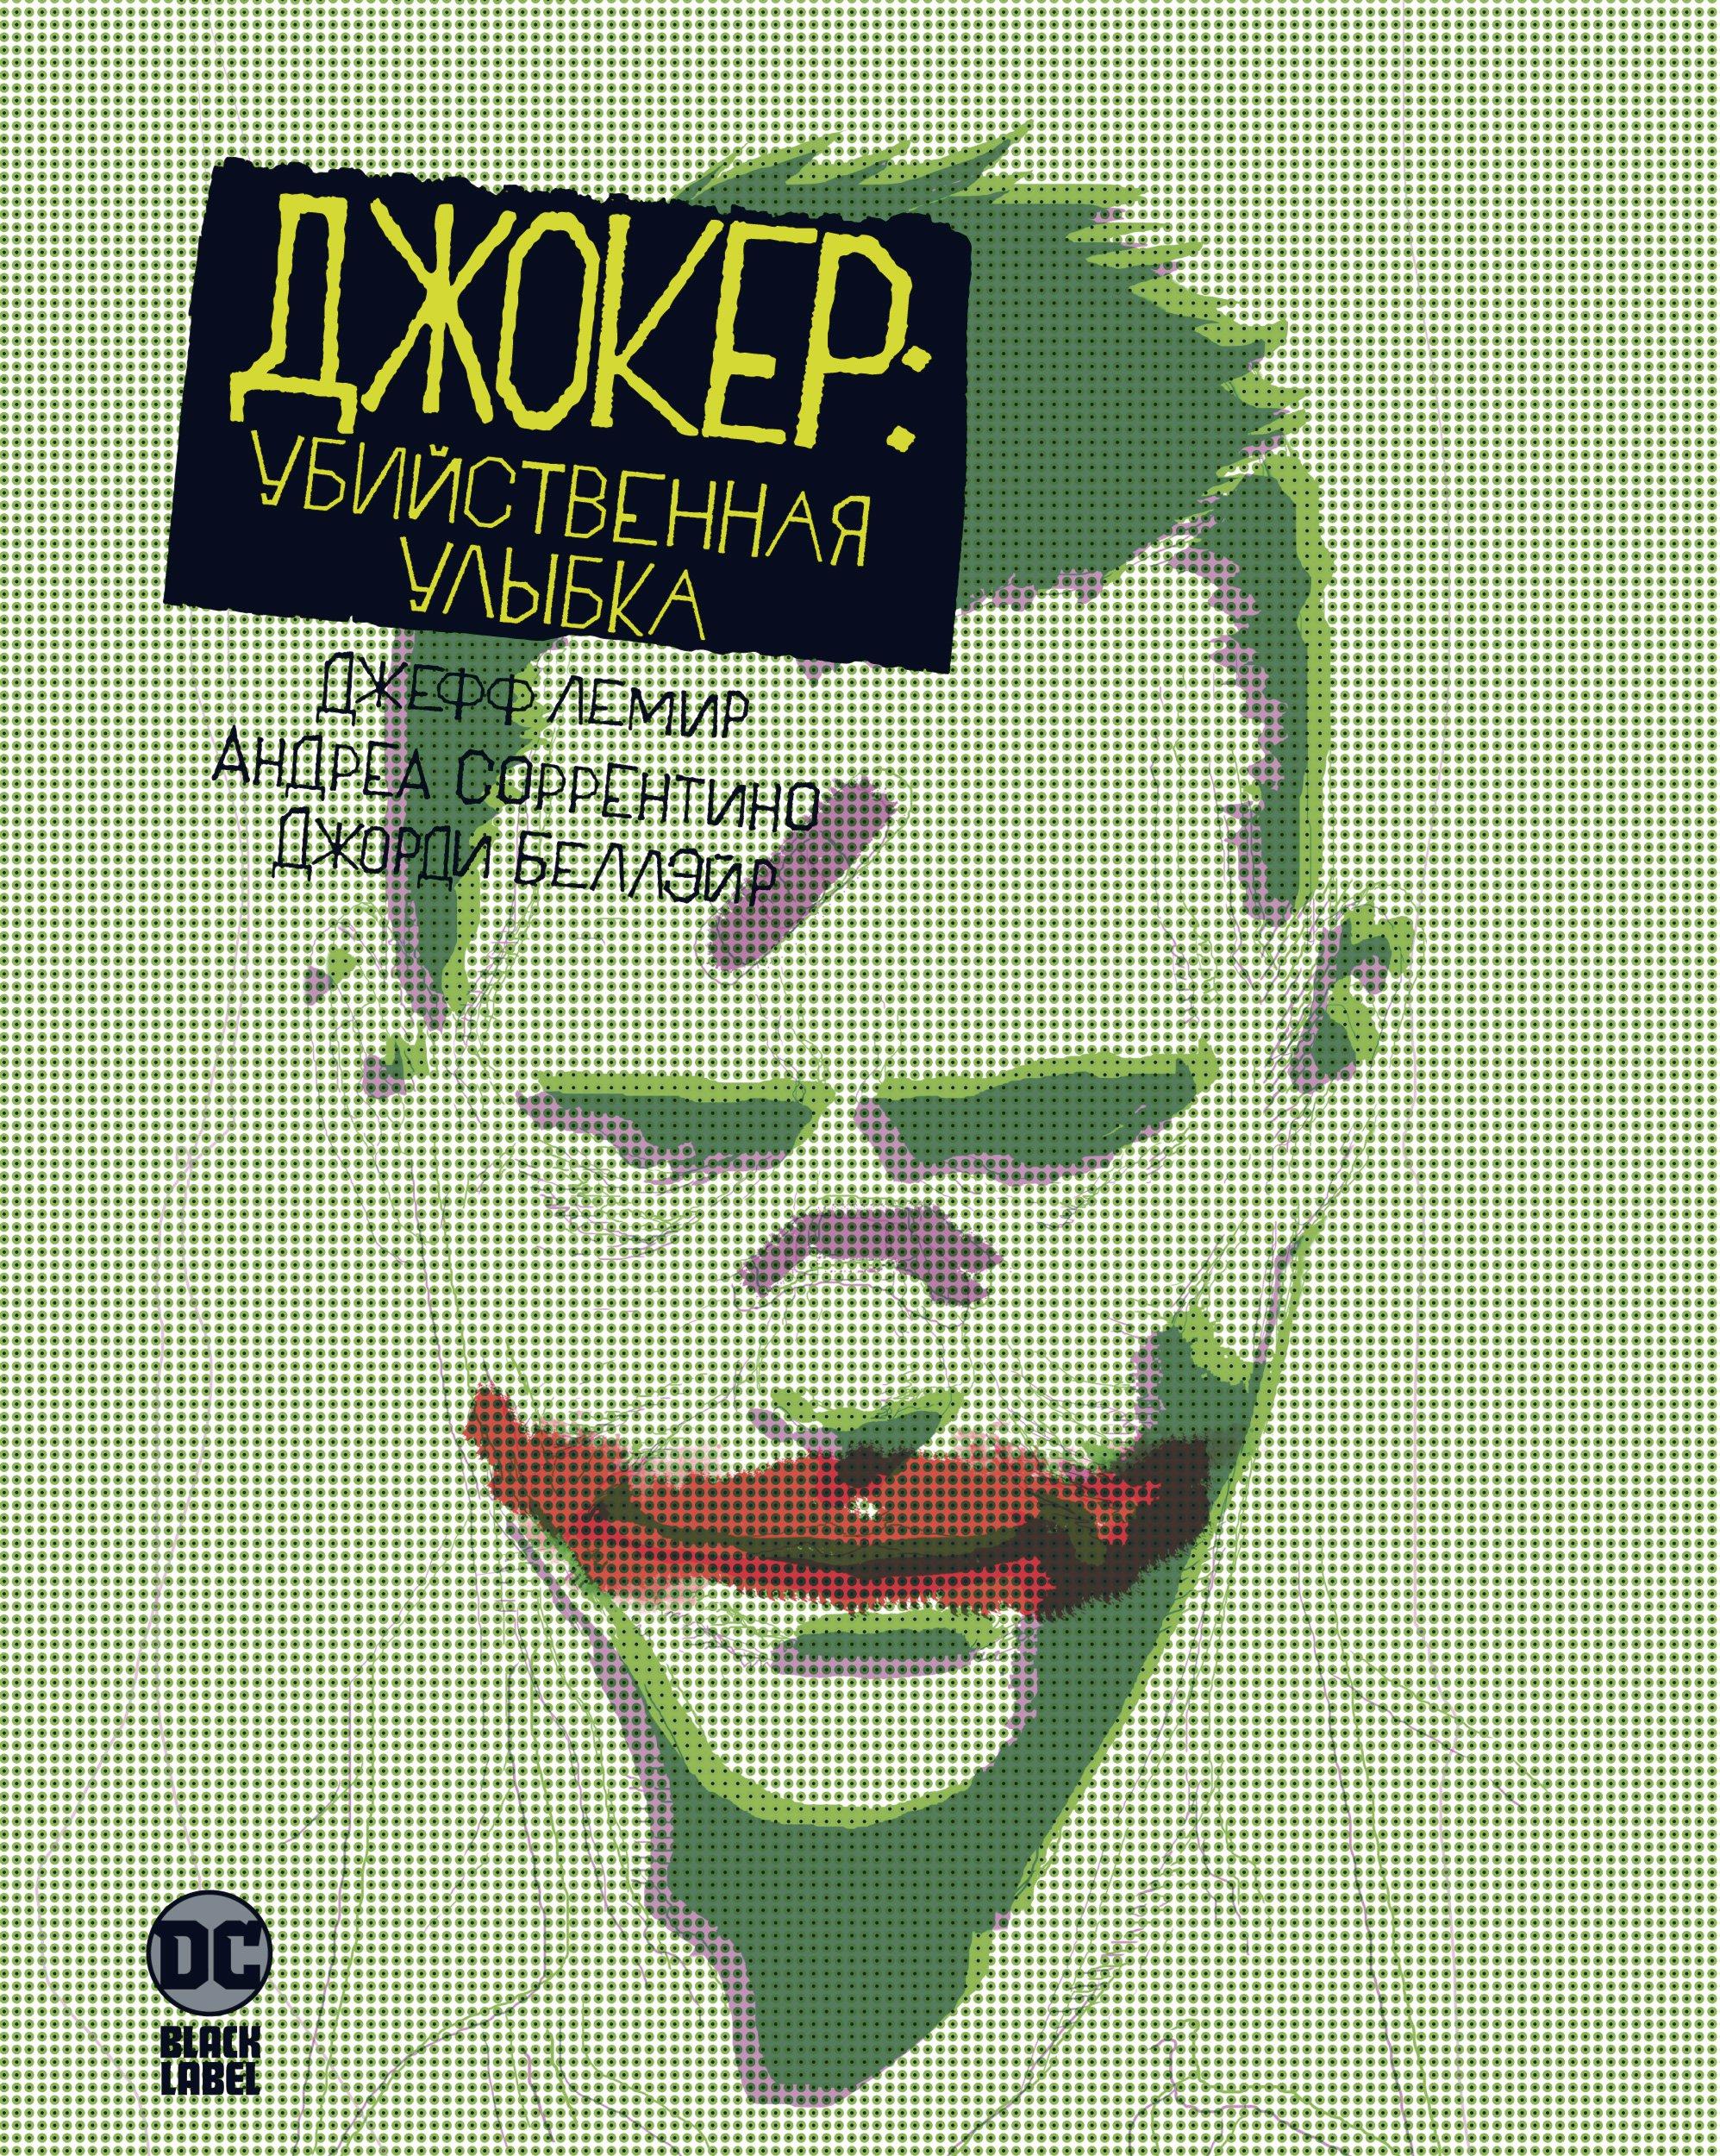 Джокер: Убийственная улыбка